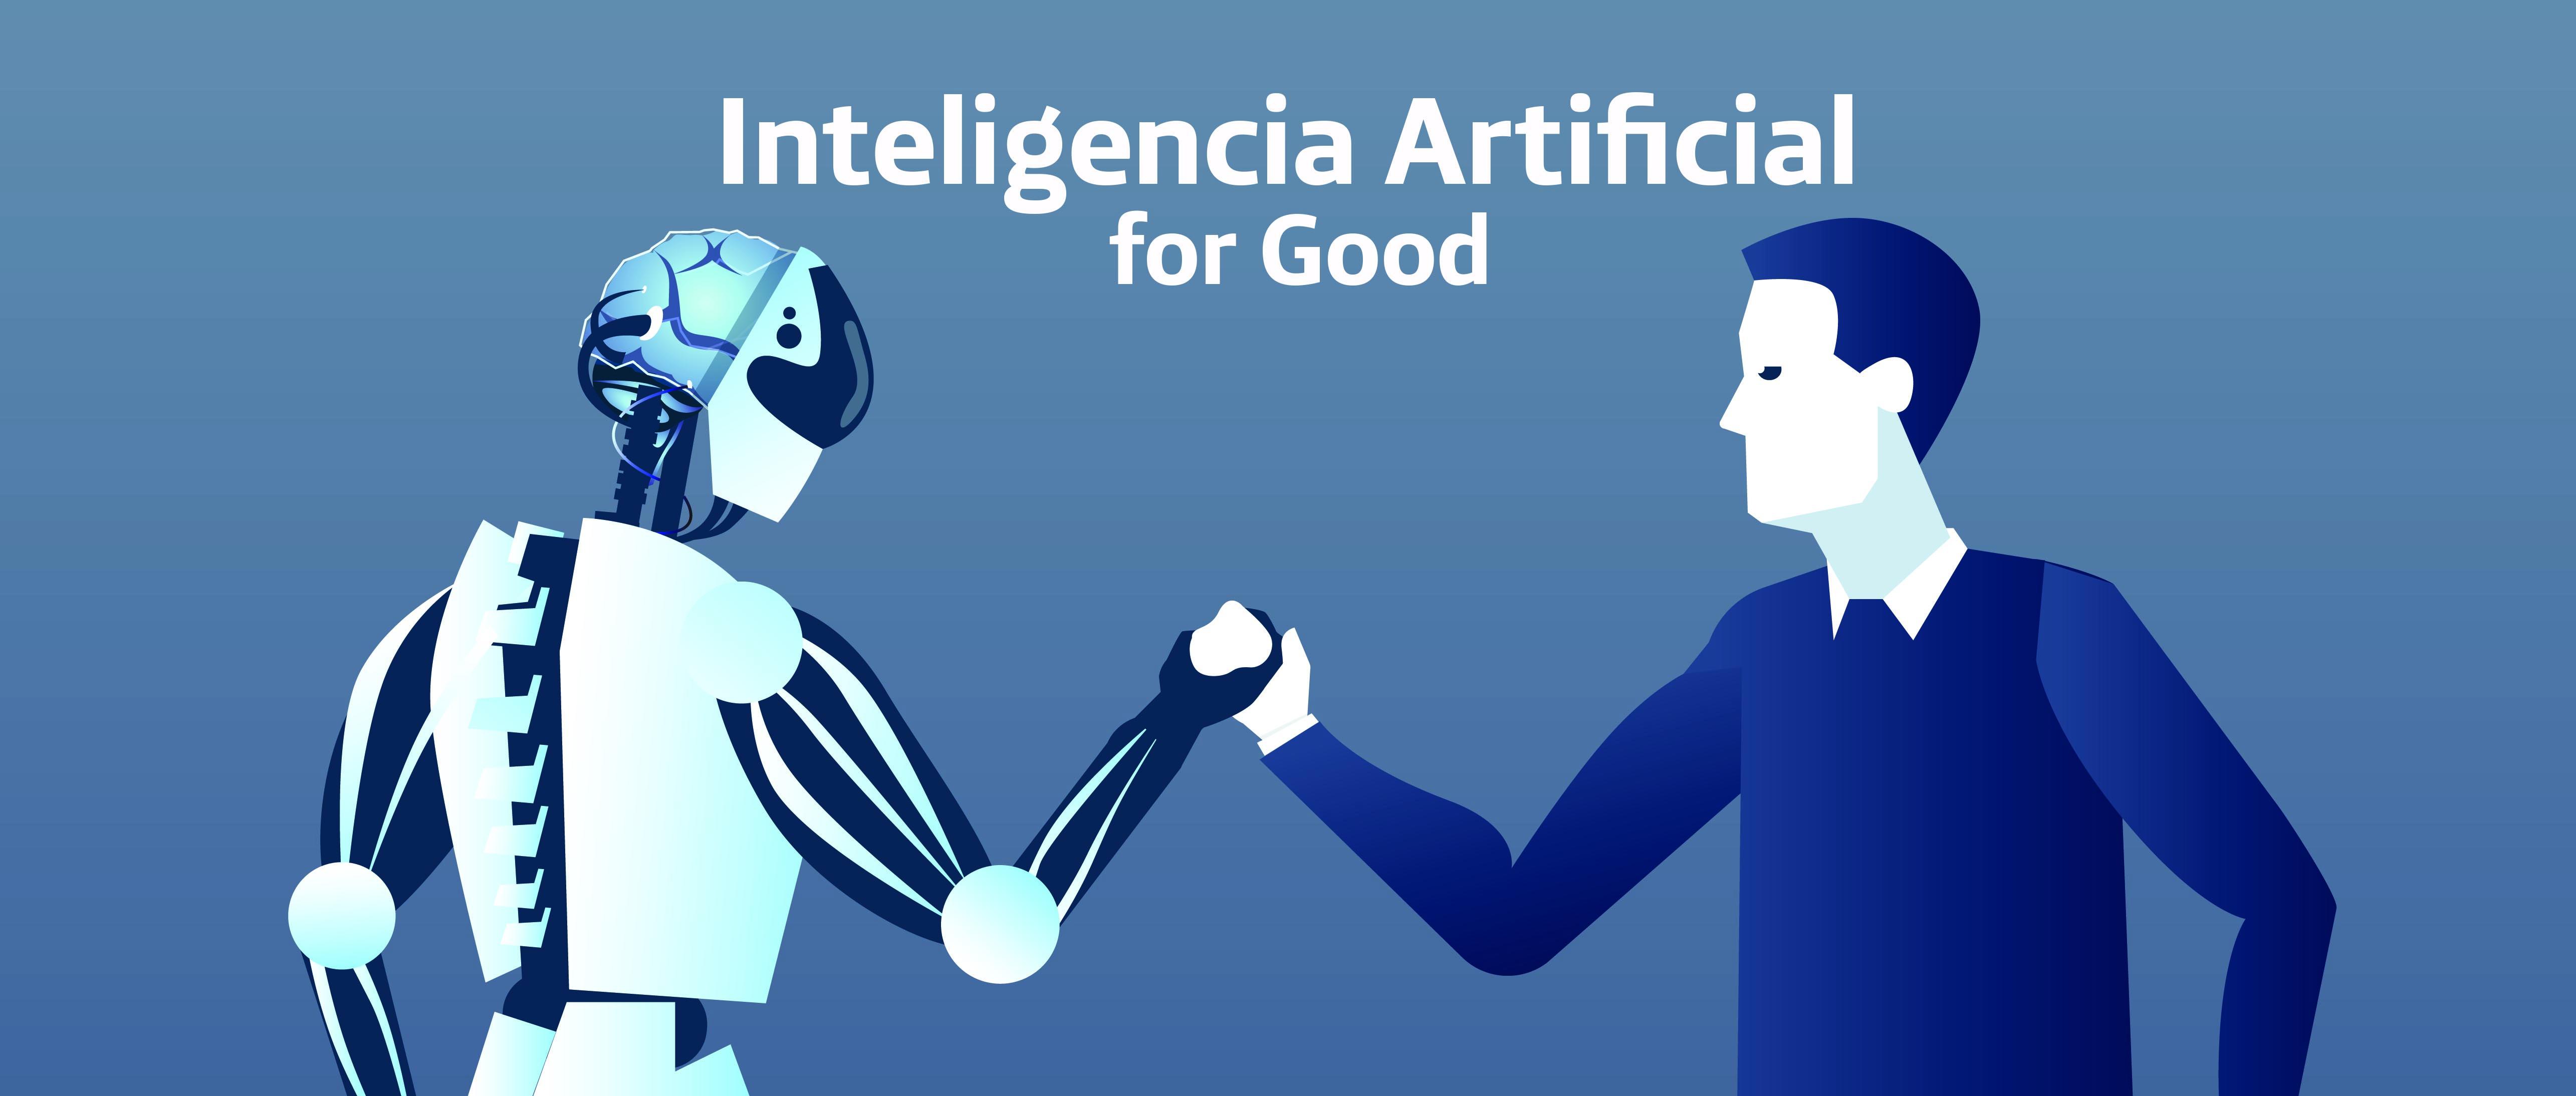 Inteligencia Artificial for Good